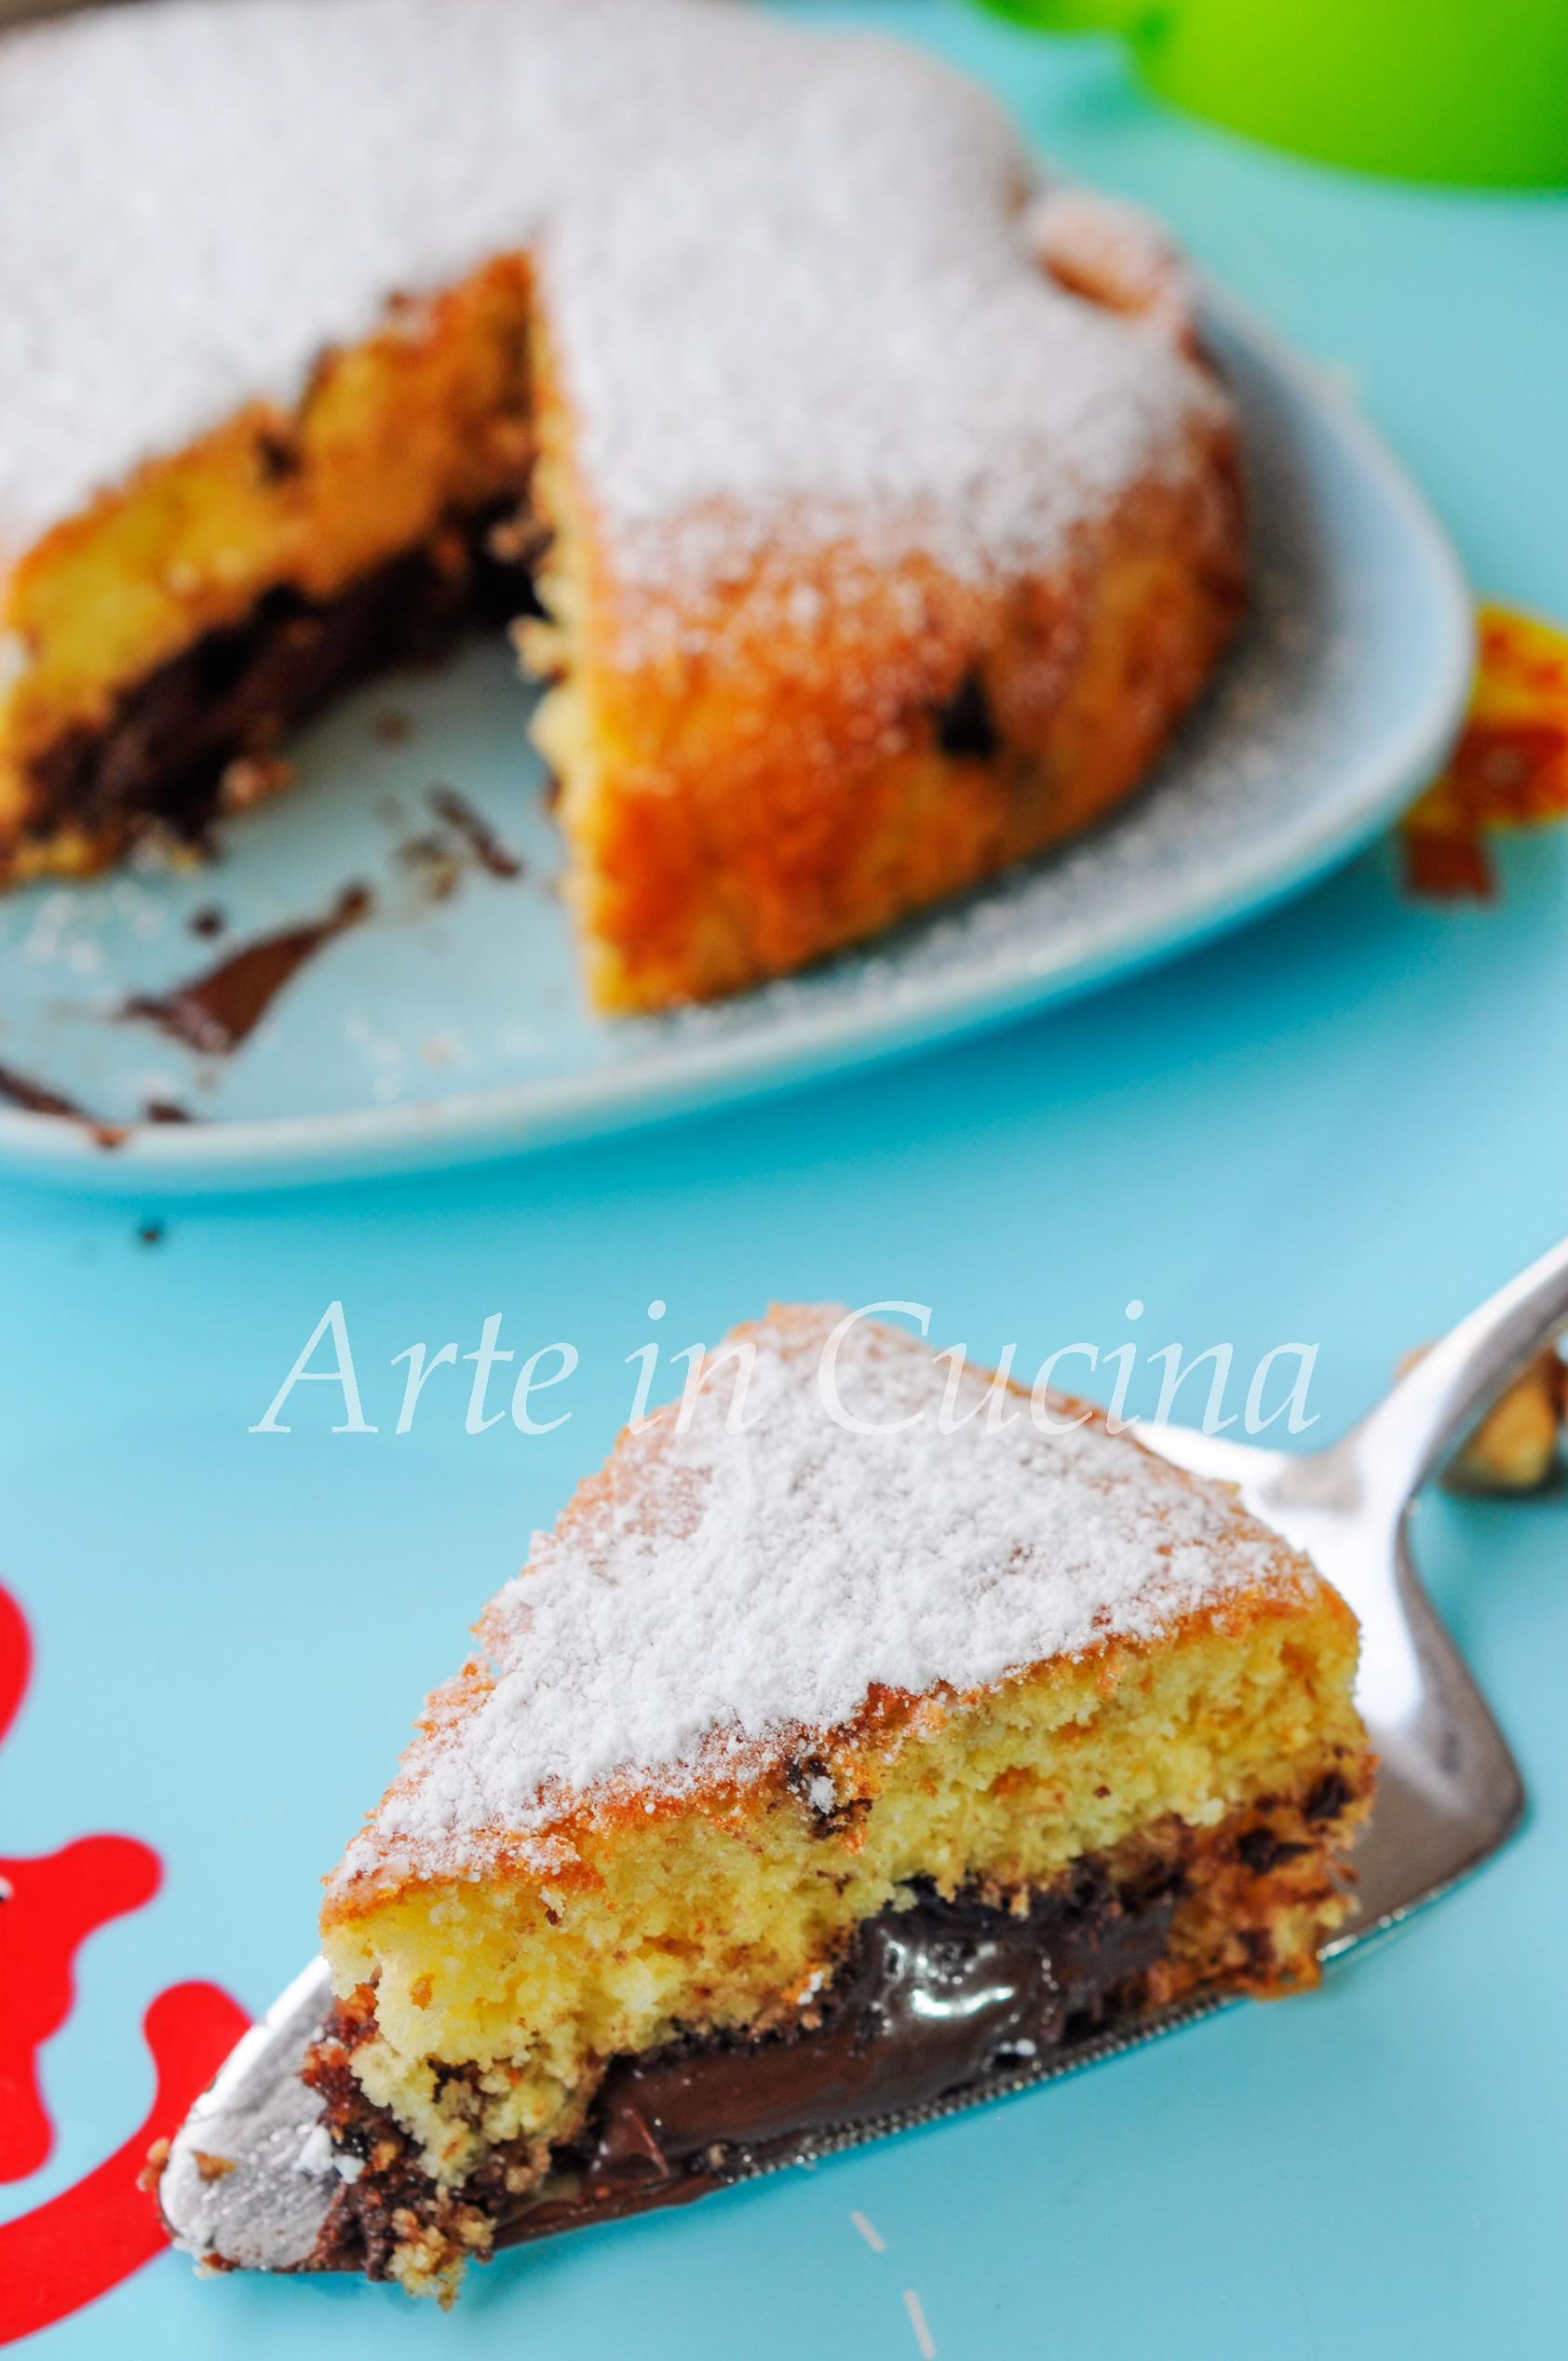 Torta morbidissima alle nocciole e nutella vickyart arte in cucina